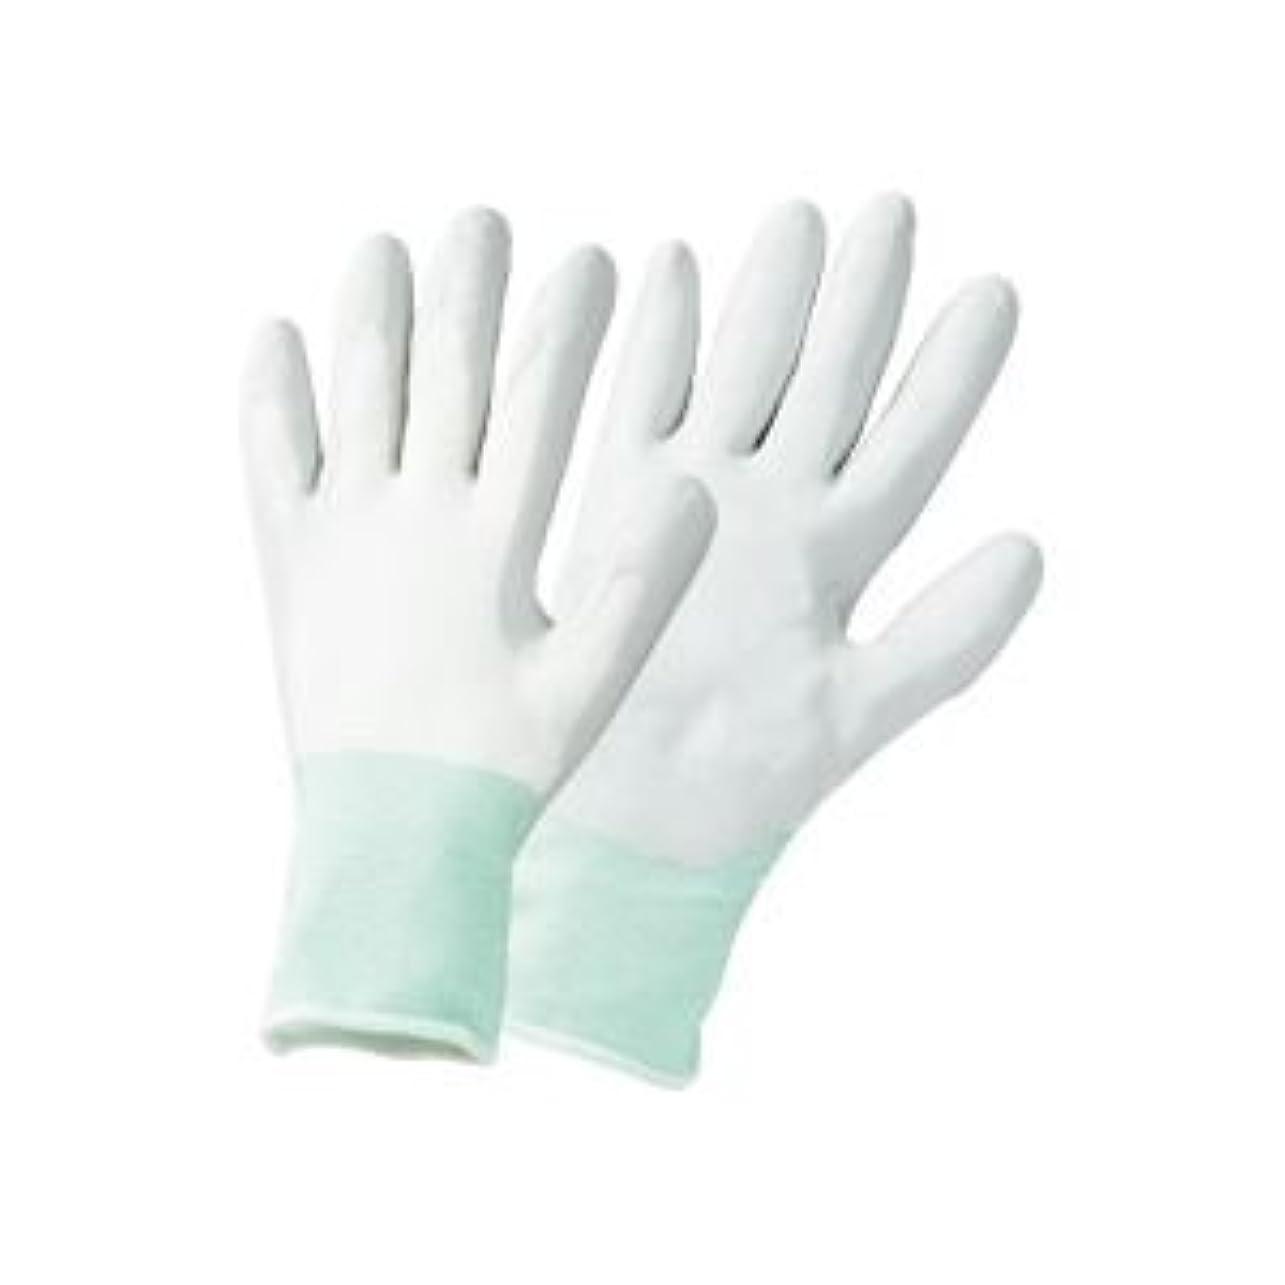 バイソン鳩預言者(まとめ) TANOSEE ニトリルゴム手袋薄手 L グレー 1セット(25双:5双×5パック) 【×3セット】 ds-1577353